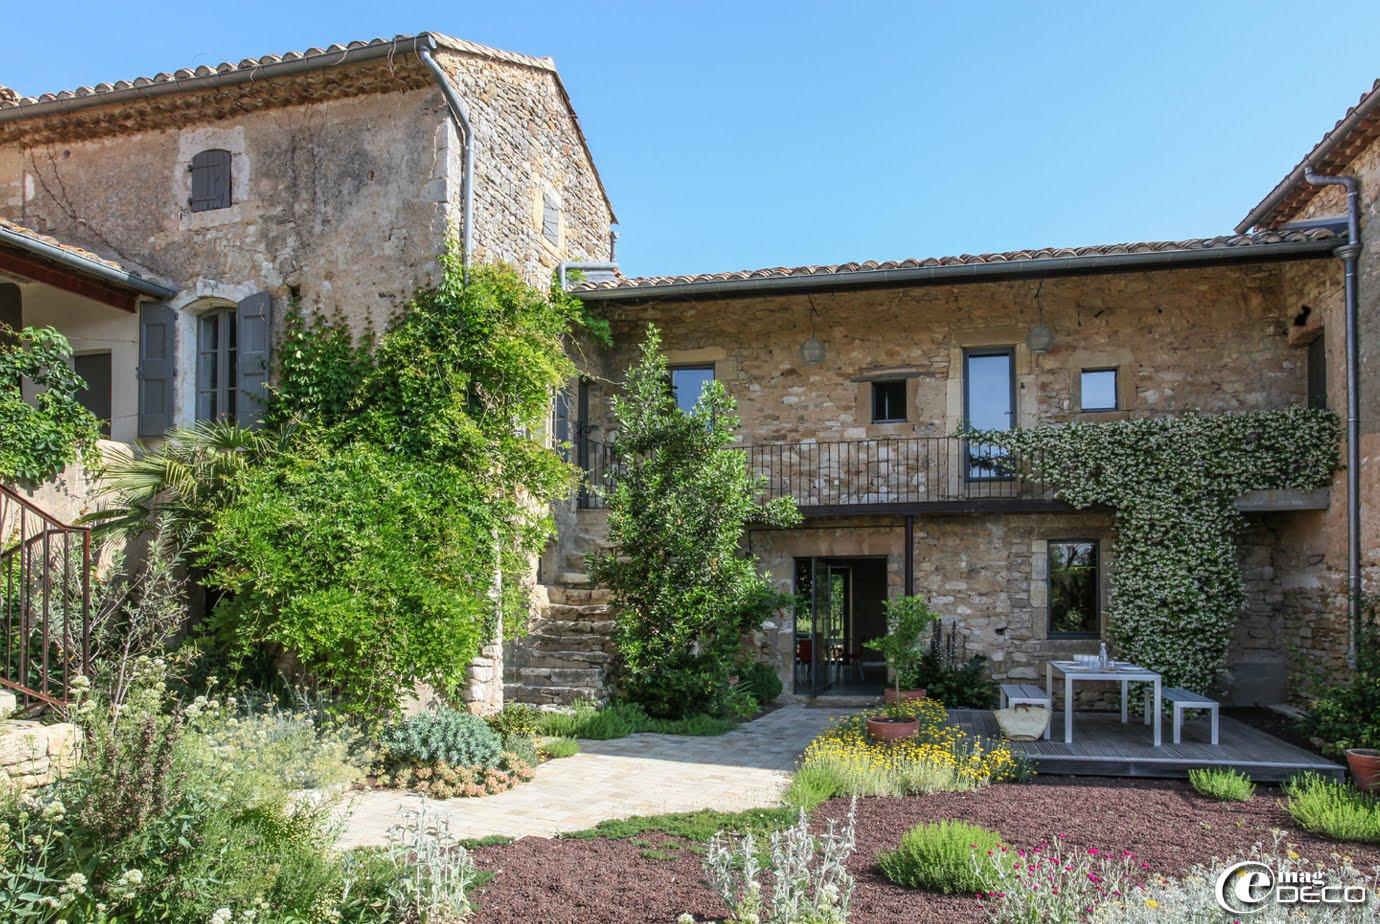 La Maison d'Ulysse et son jardin sec composé de plantes méditerranéennes résistantes à la sécheresse